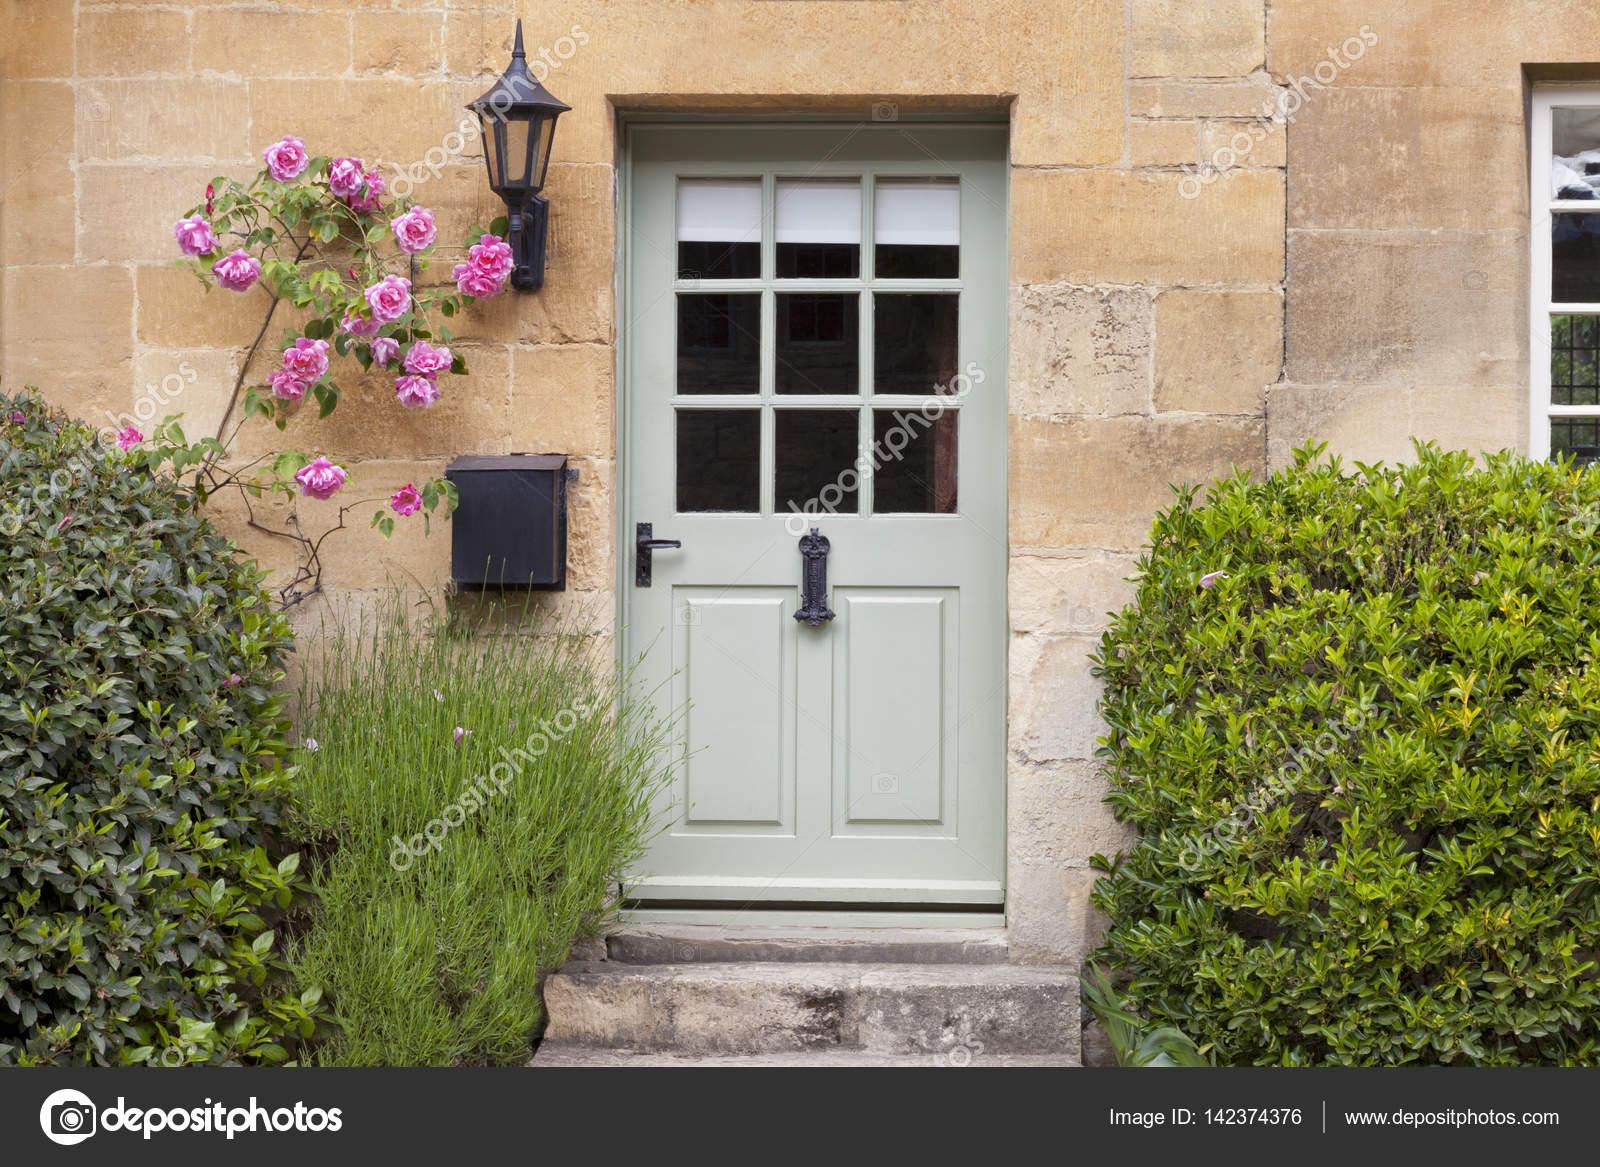 Relativ Steinhaus mit grünen Holz-Haustüren — Stockfoto © Yolfran #142374376 AU24